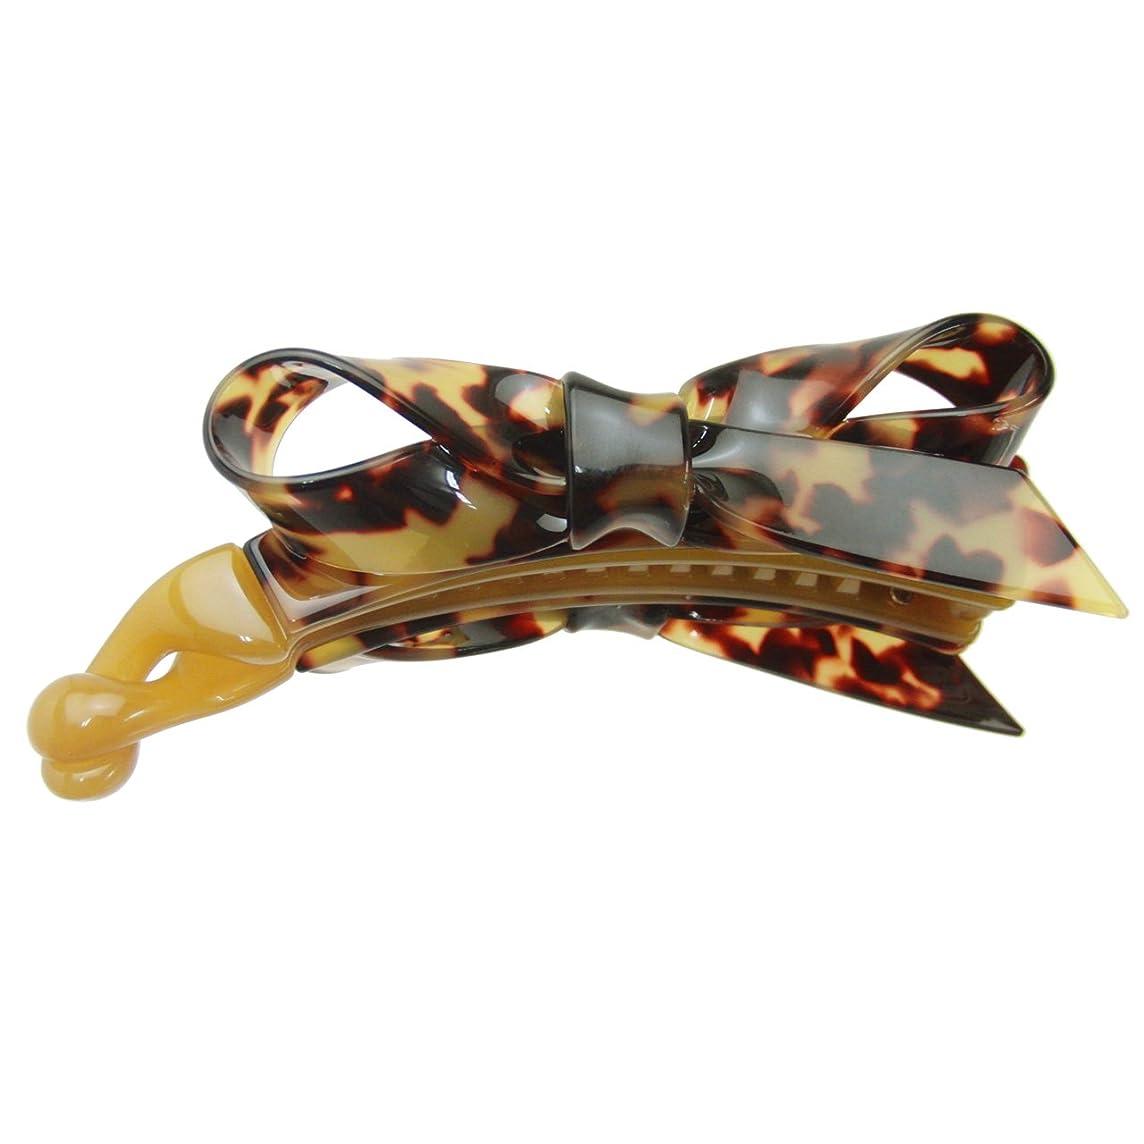 豆腐弾力性のあるピグマリオンhaclm580nndbr ヘアアクセサリー 髪飾り (リトルムーン) Marble Marble バナナクリップ クリスティアーヌ ダークブラウン